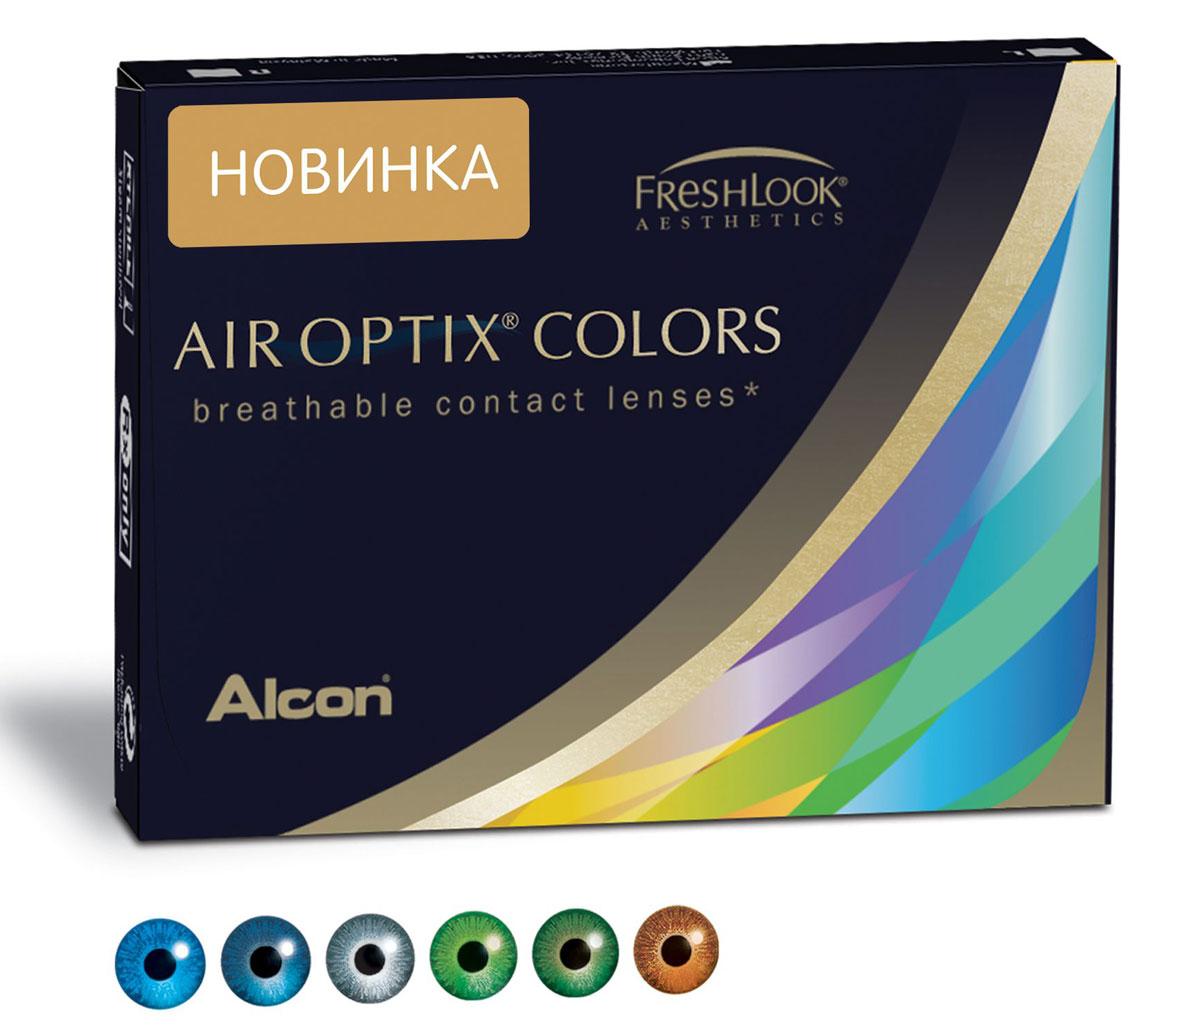 Аlcon контактные линзы Air Optix Colors 2 шт -0.50 Green31746108Мягкие контактные линзыКонтактные линзы или очки: советы офтальмологов. Статья OZON Гид